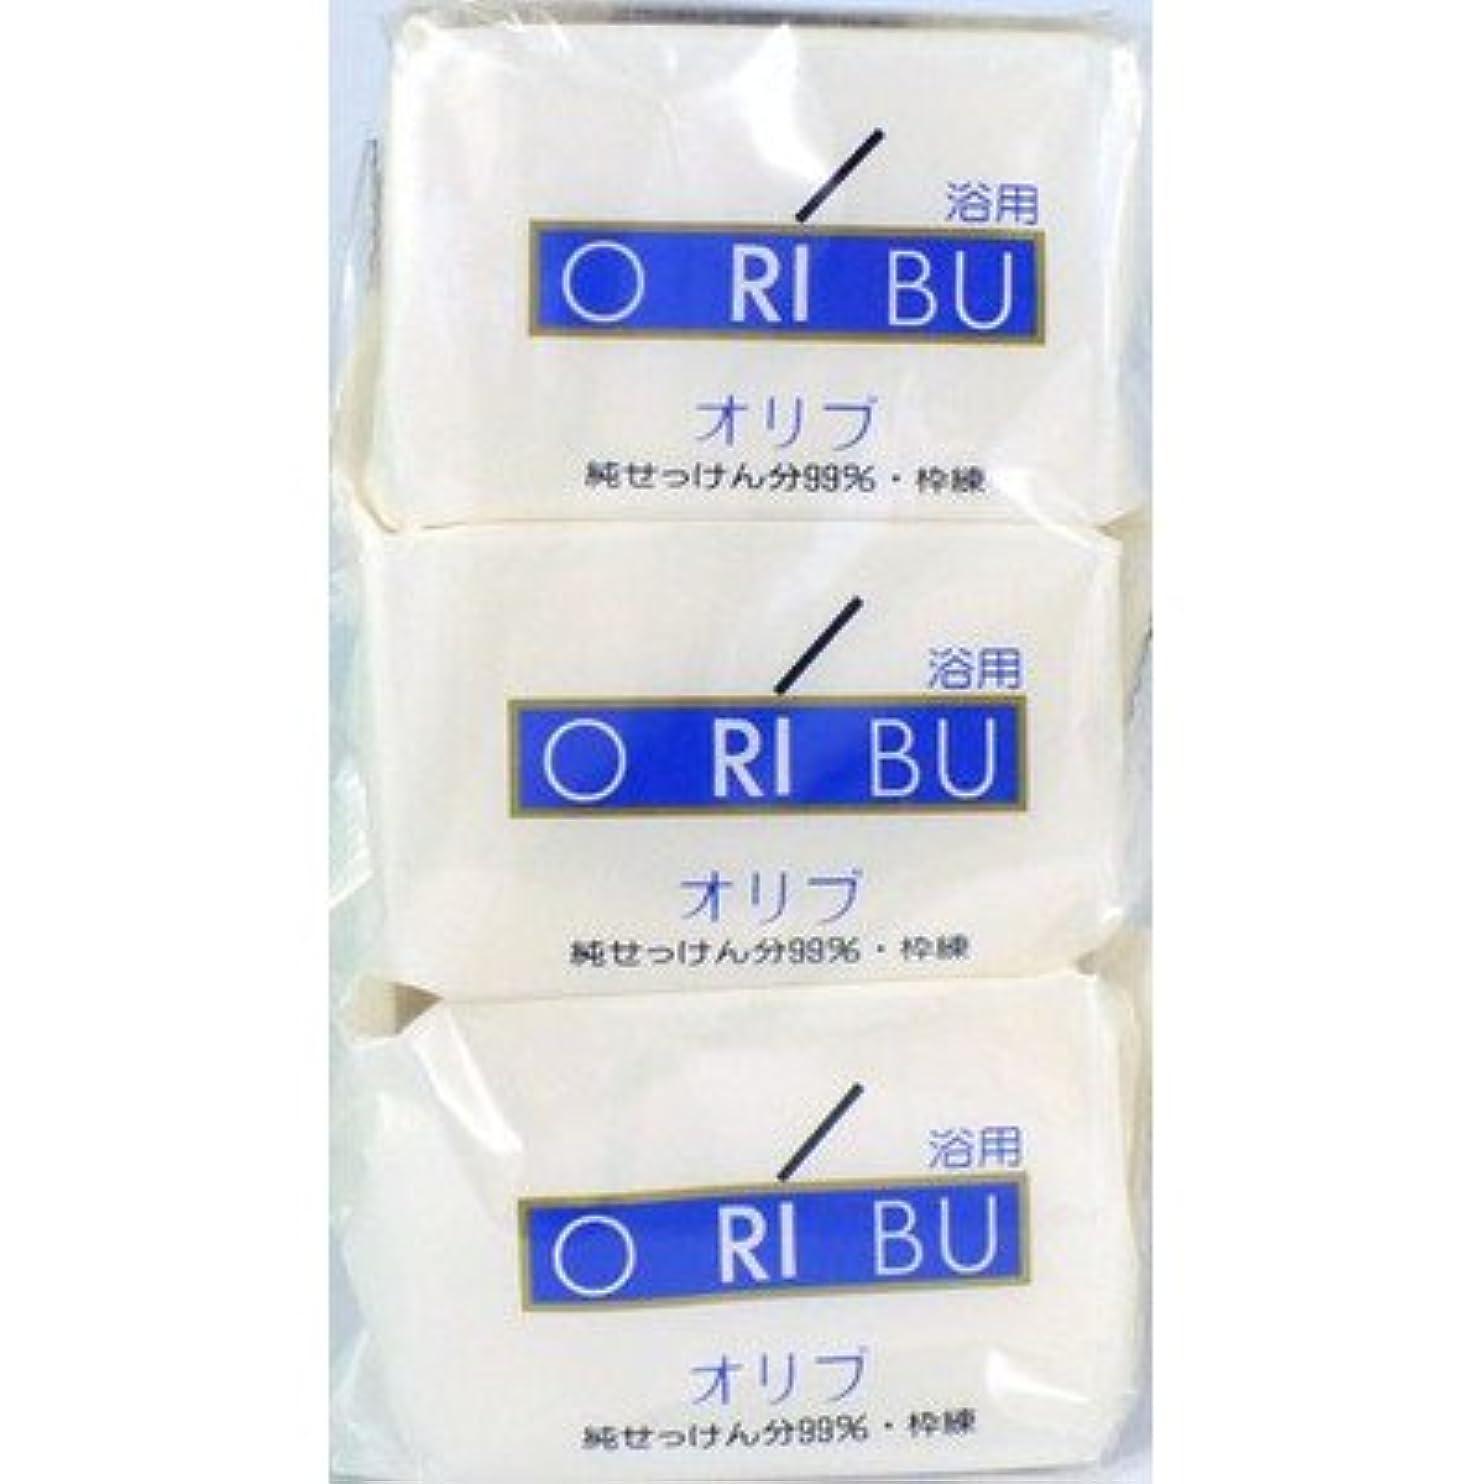 スポンサー州近々暁石鹸 ORIBU オリブ 浴用石鹸 110g 3個入り